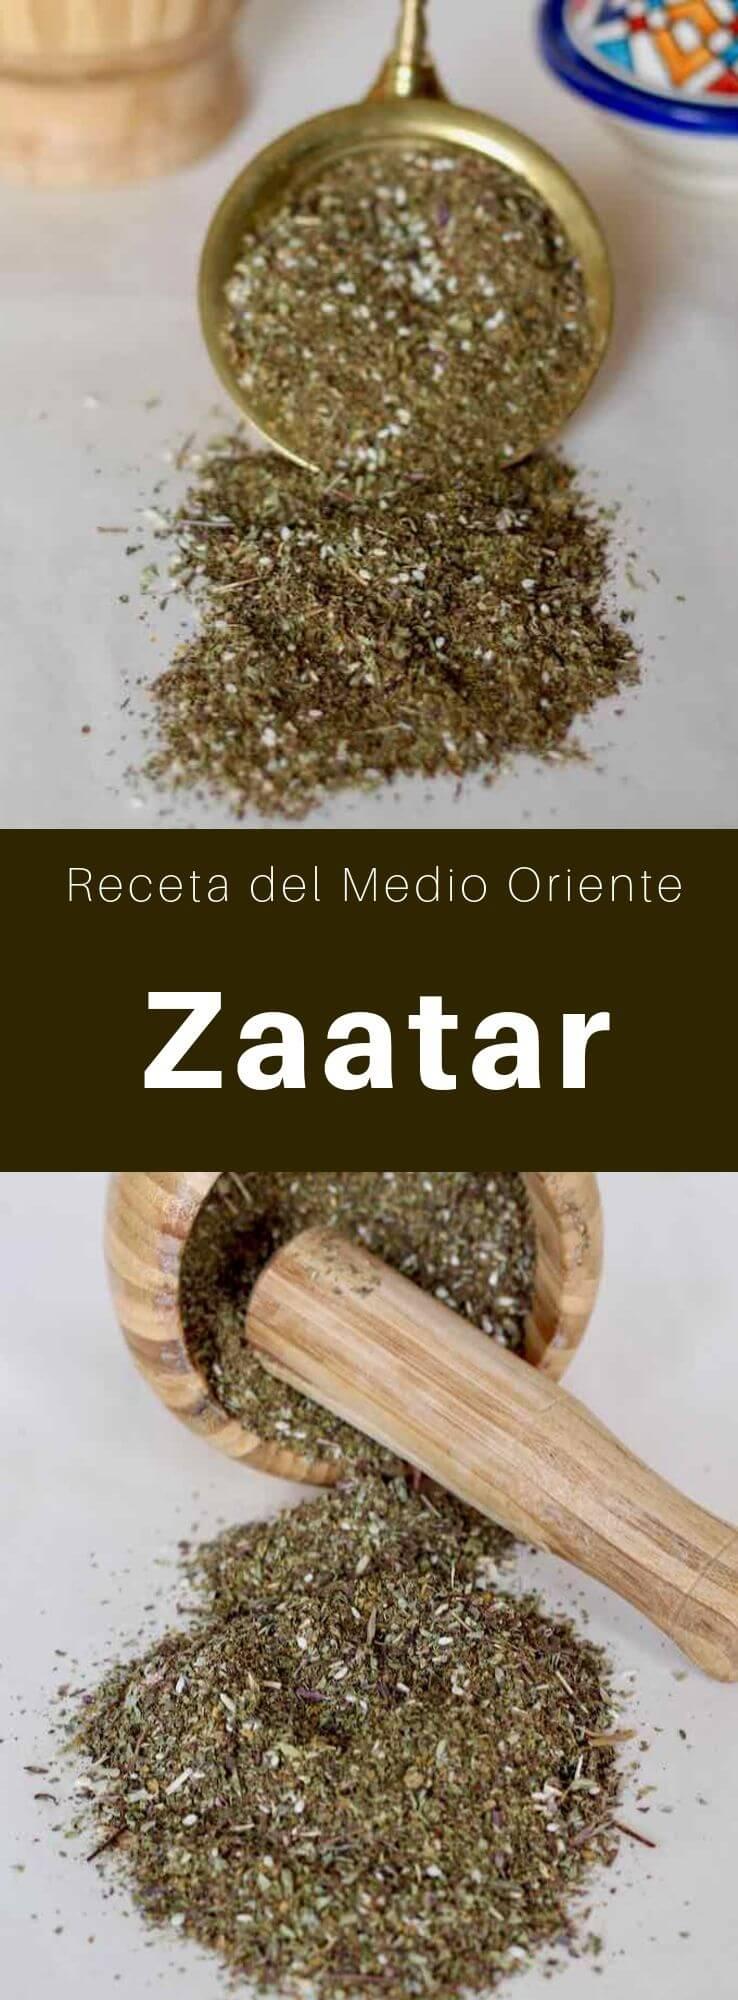 El zaatar, una mezcla de especias tradicionales del Medio Oriente, incluye tomillo, hisopo, orégano, mejorana, ajedrea, zumaque y semillas de sésamo.